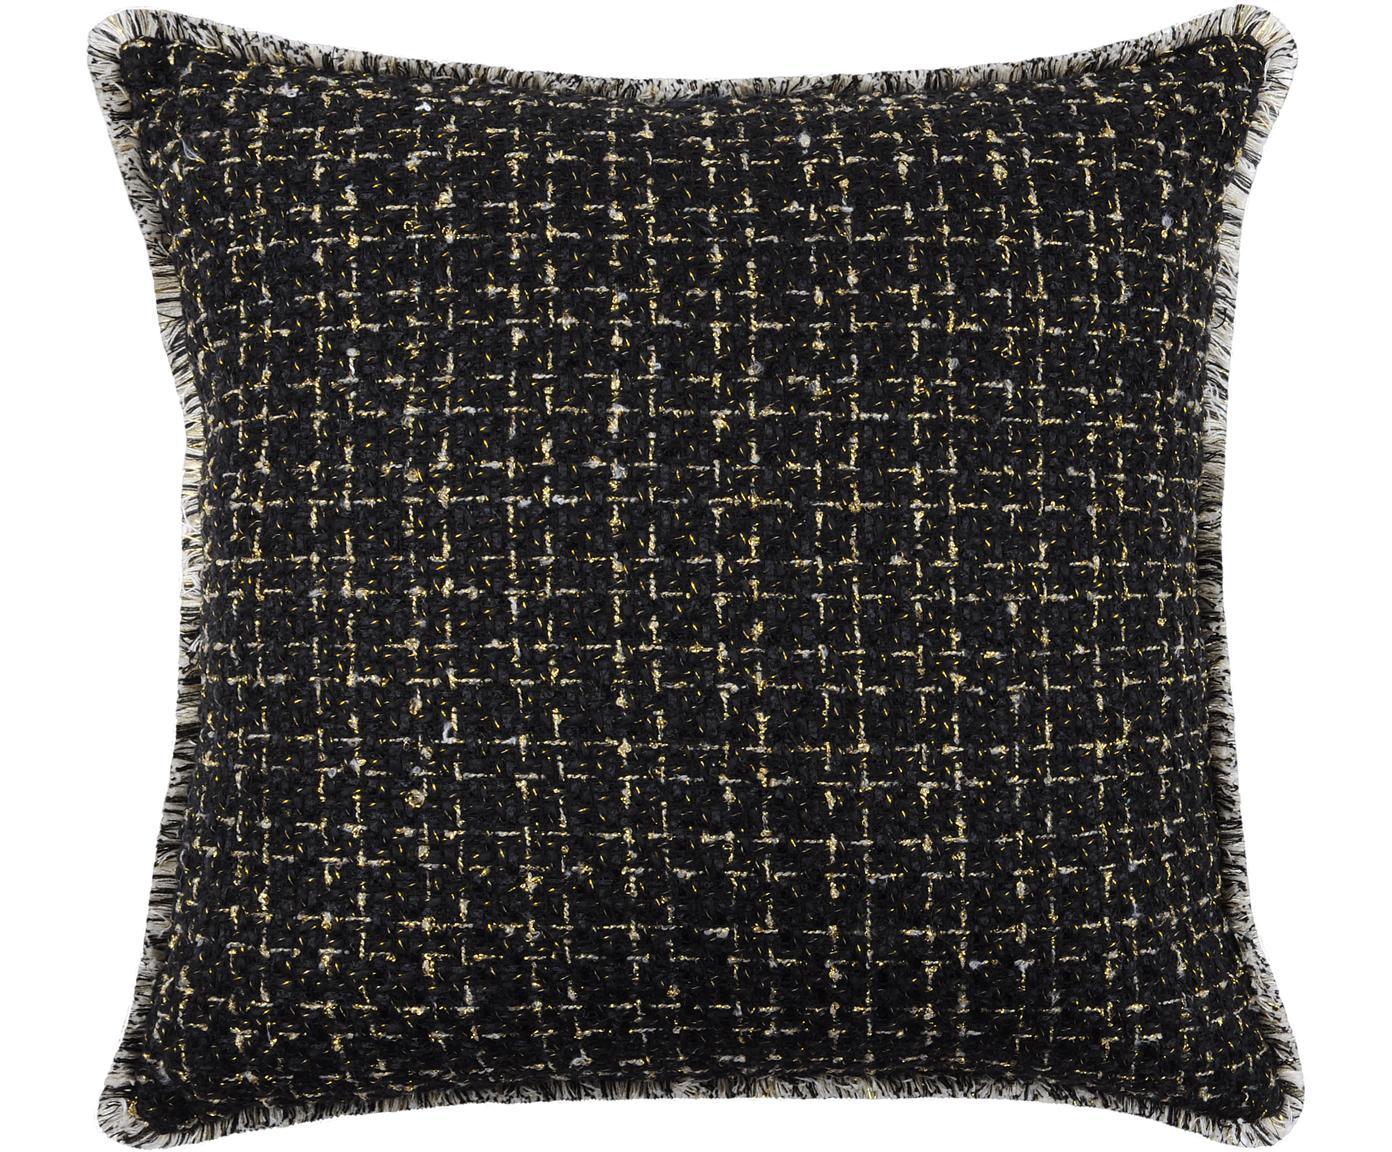 Kissenhülle Walter, 50% Baumwolle, 50% Polyester, Schwarz, Goldfarben, 40 x 40 cm